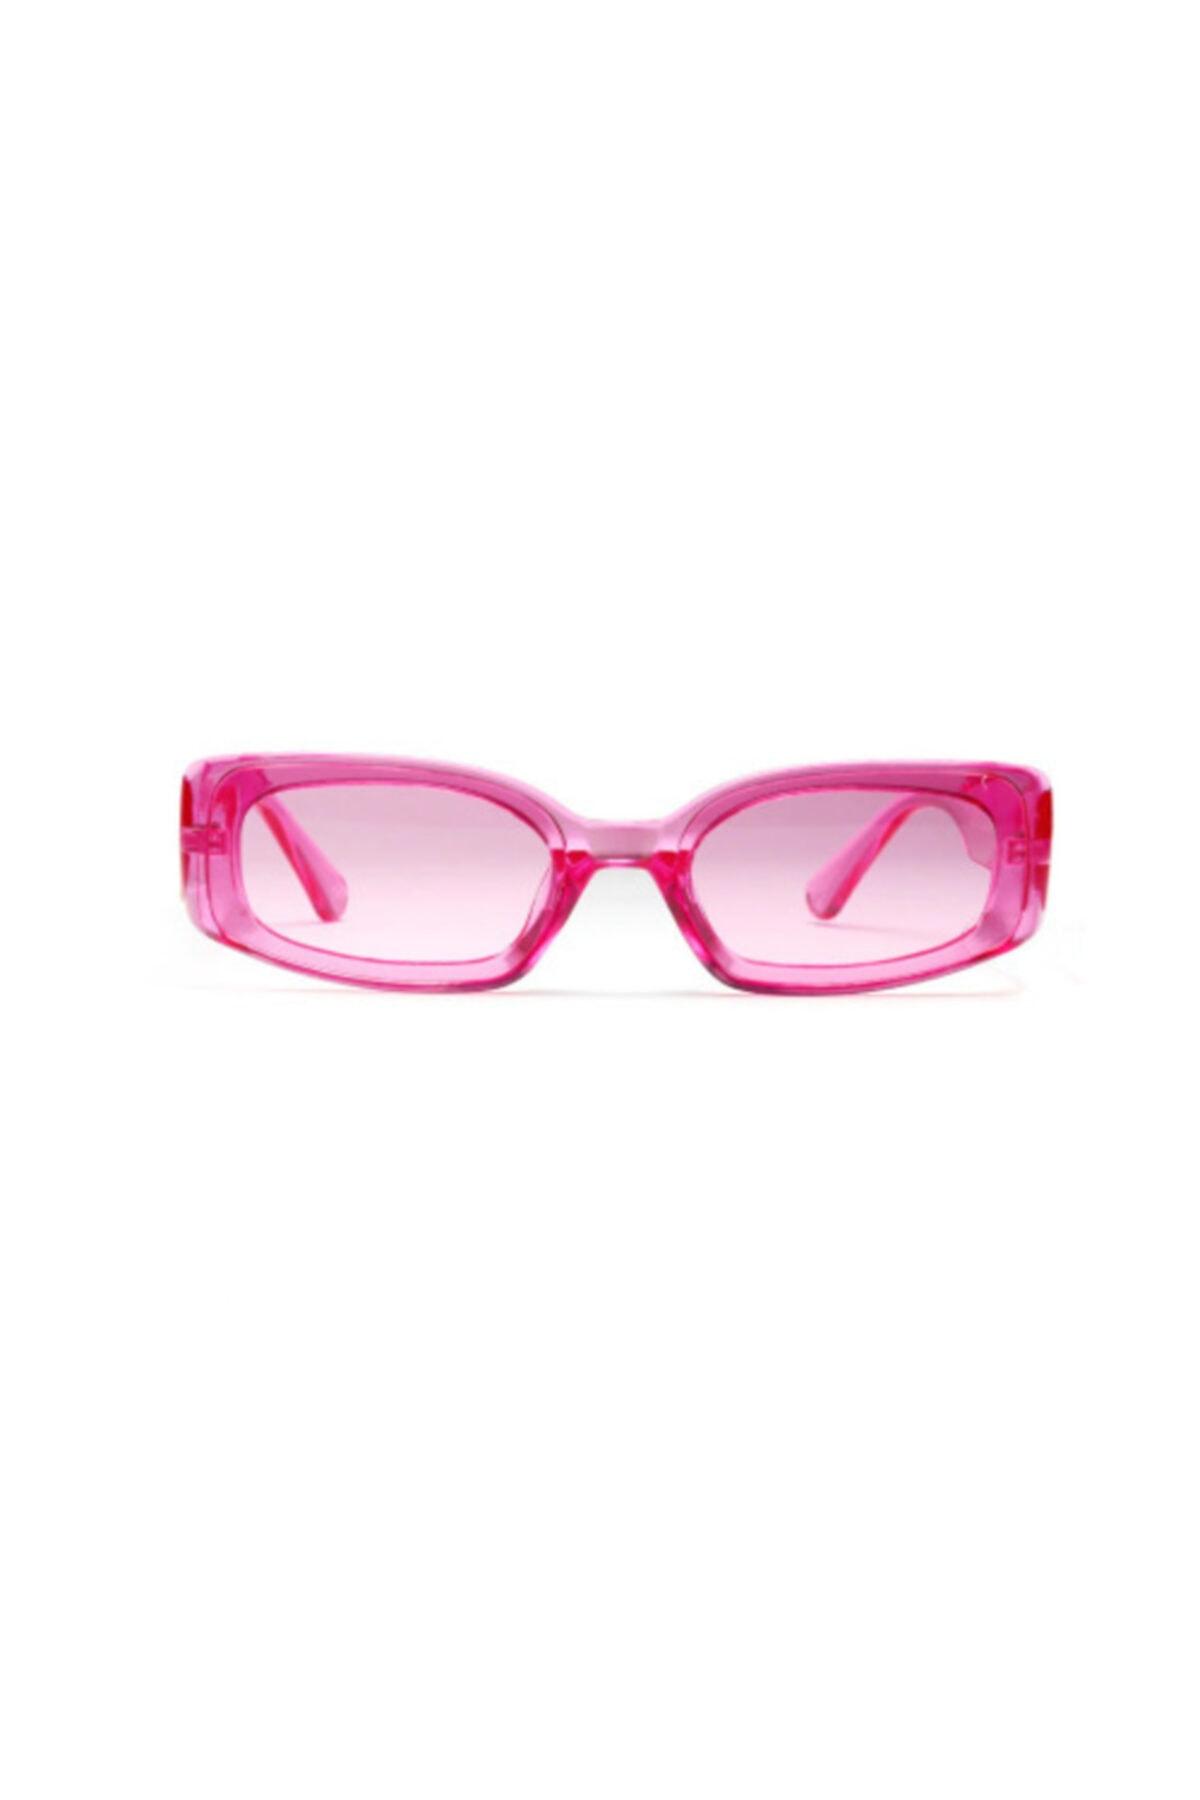 فروش عینک آفتابی زنانه ترک مجلسی برند Toz Vintage رنگ صورتی ty51964655